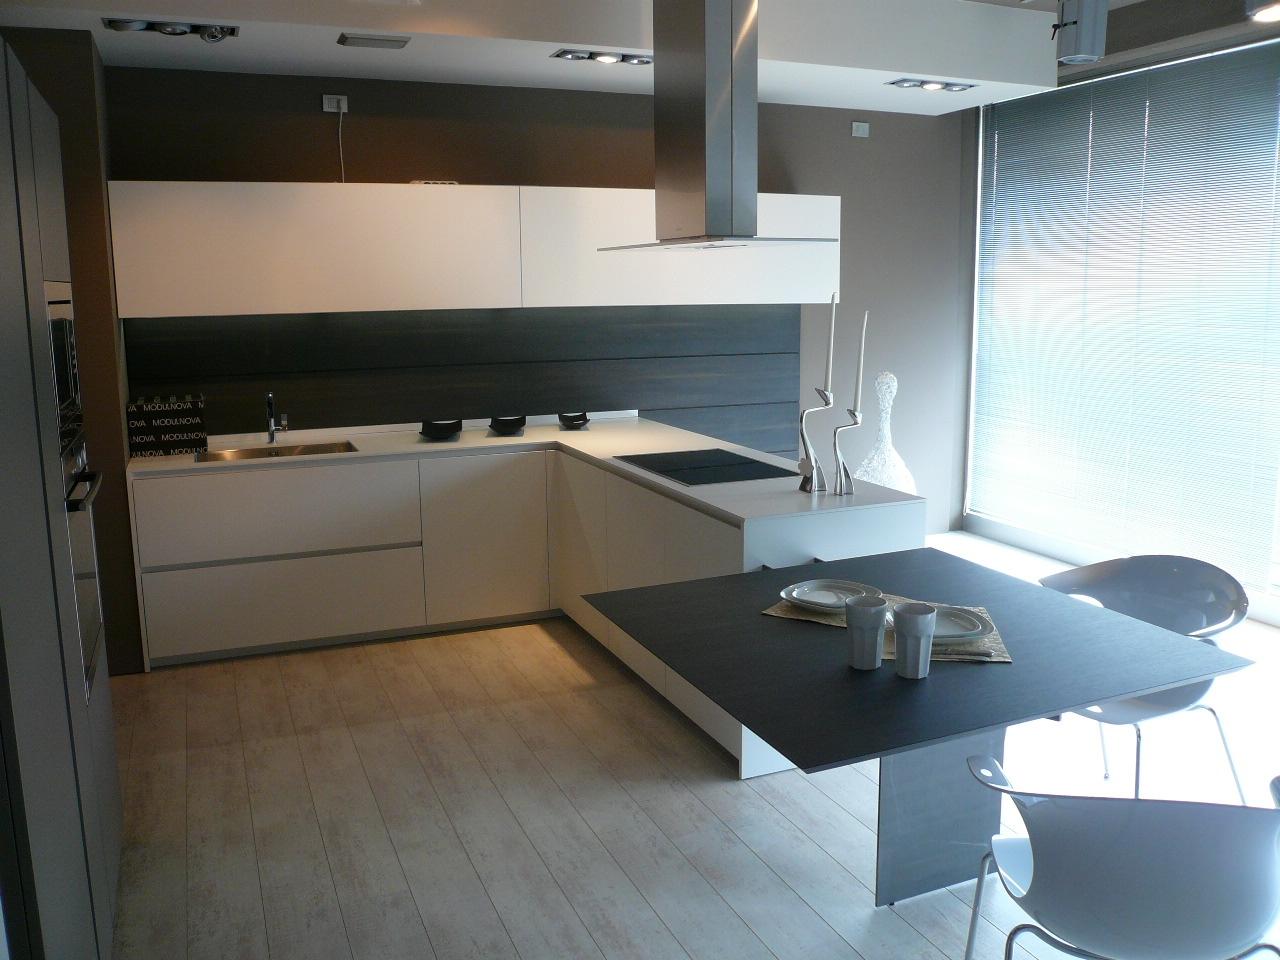 Best modulnova cucine outlet gallery - Cucine modulnova opinioni ...